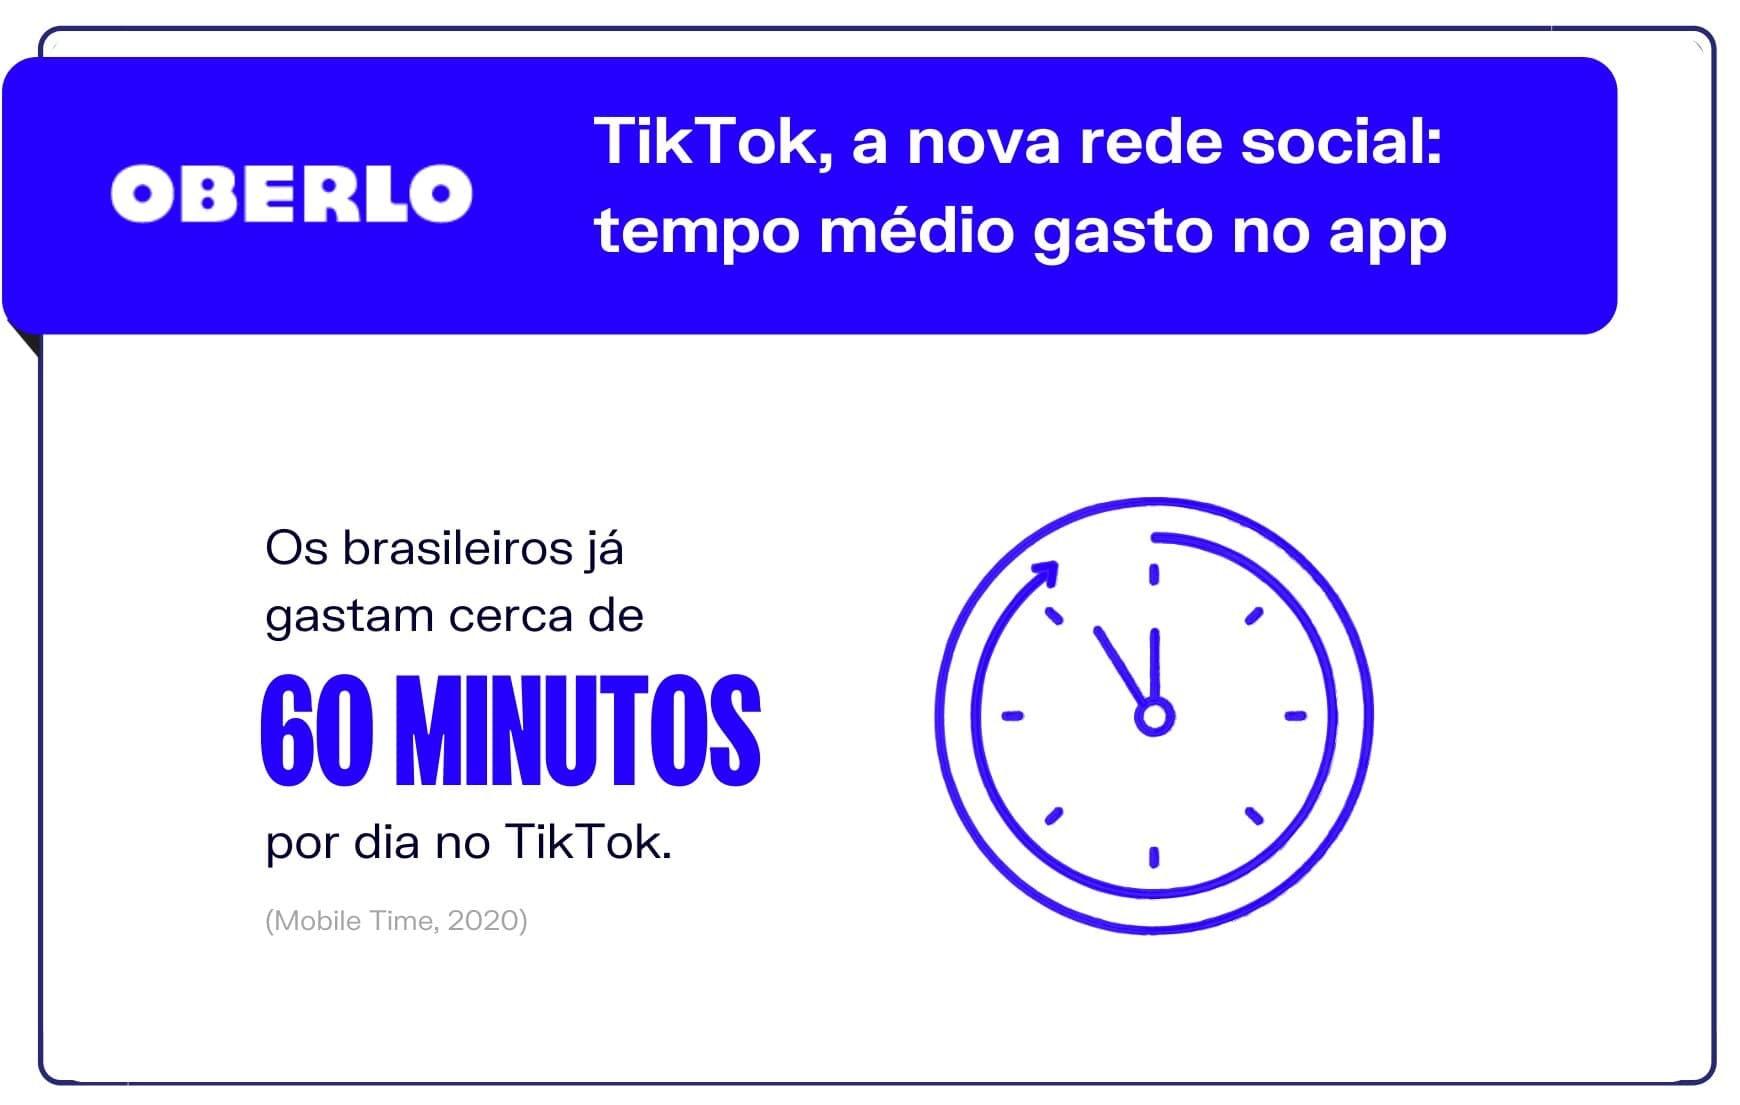 TikTok, a nova rede social: tempo médio gasto no app